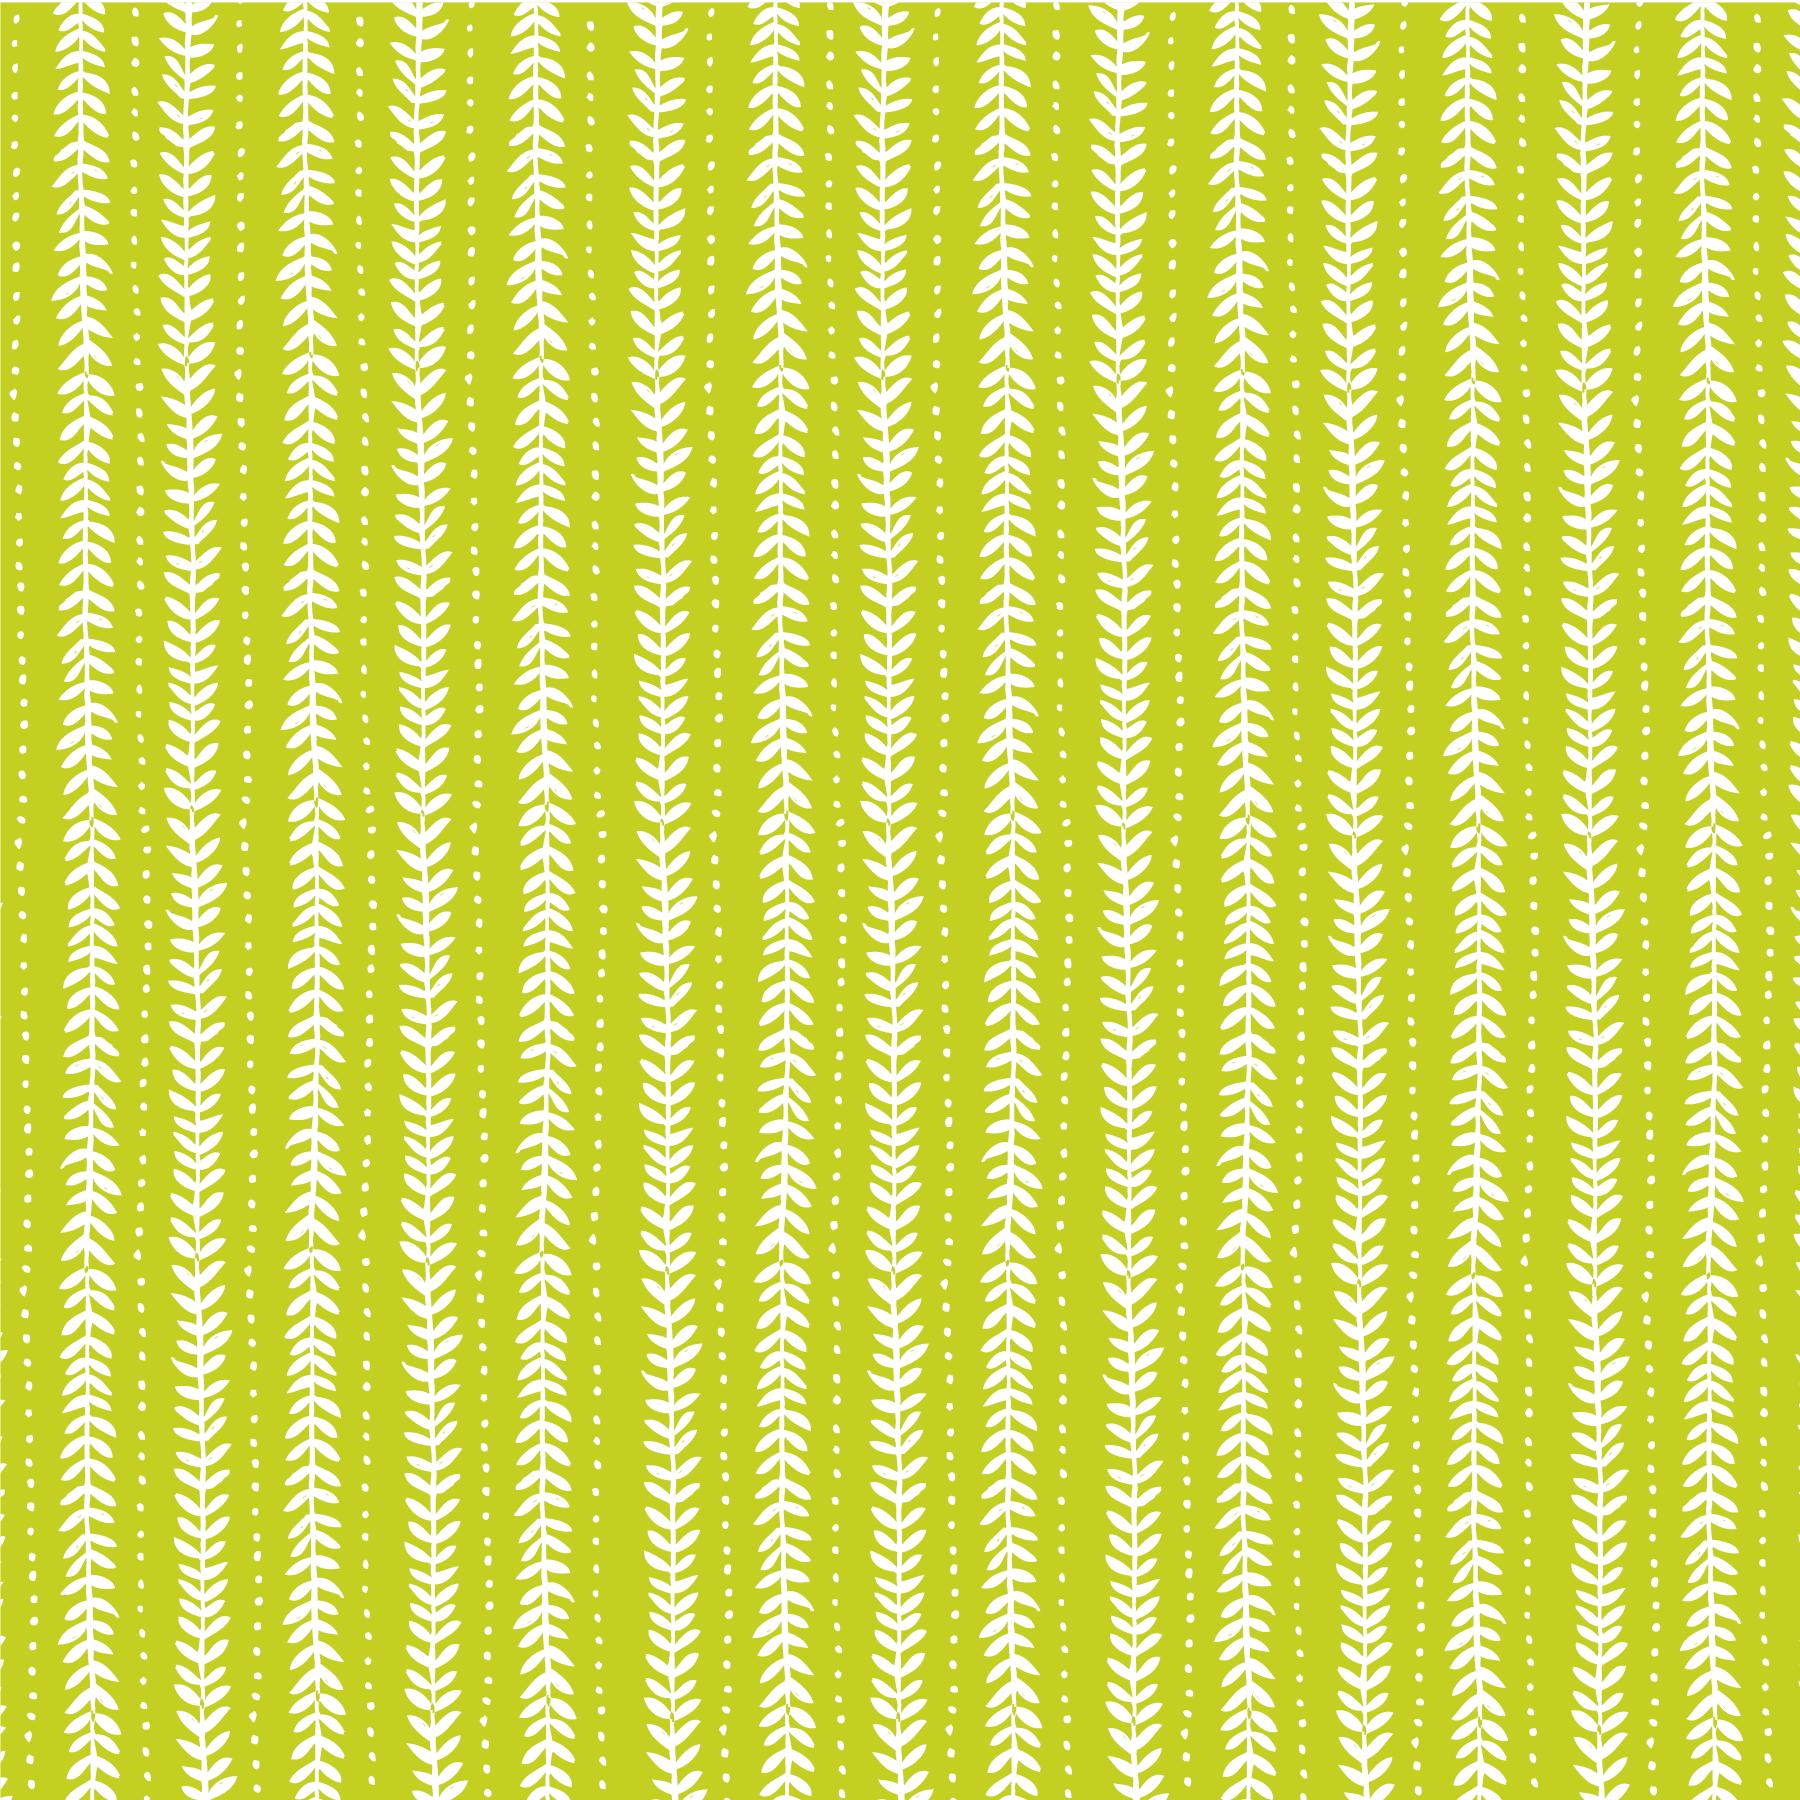 Herbalist Patterns-02.png